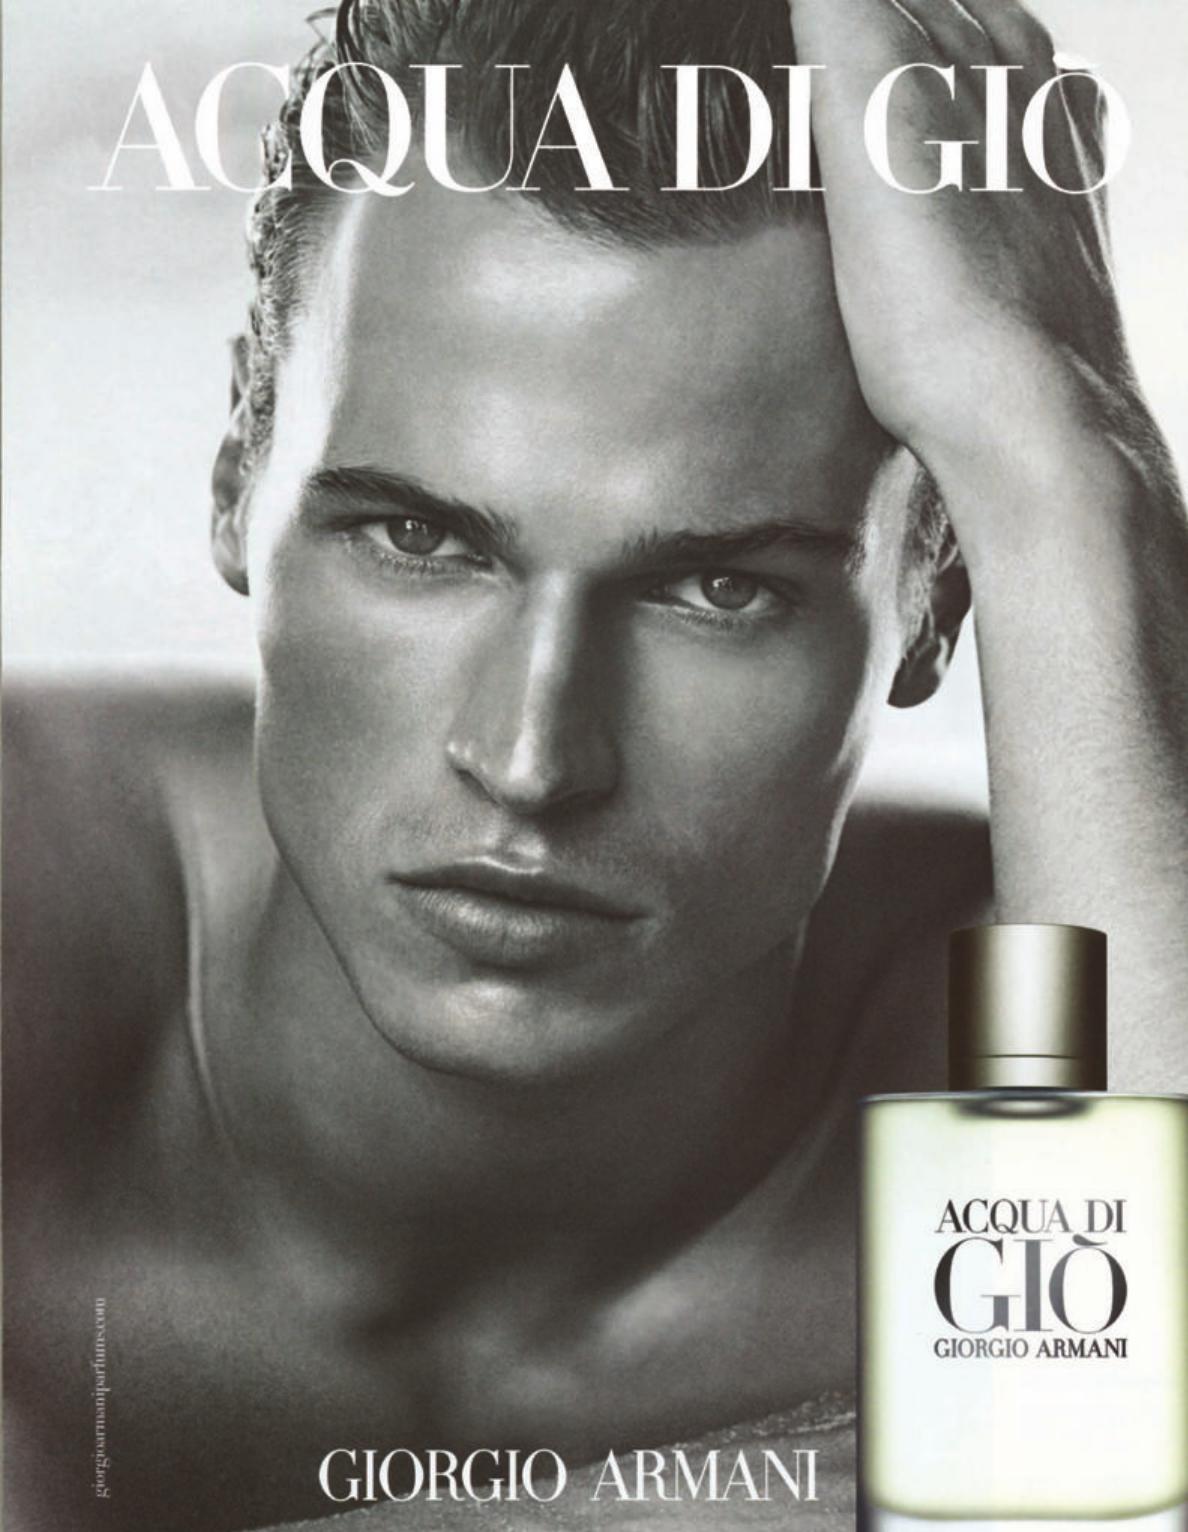 giorgio armani acqua di gio fragrances for men